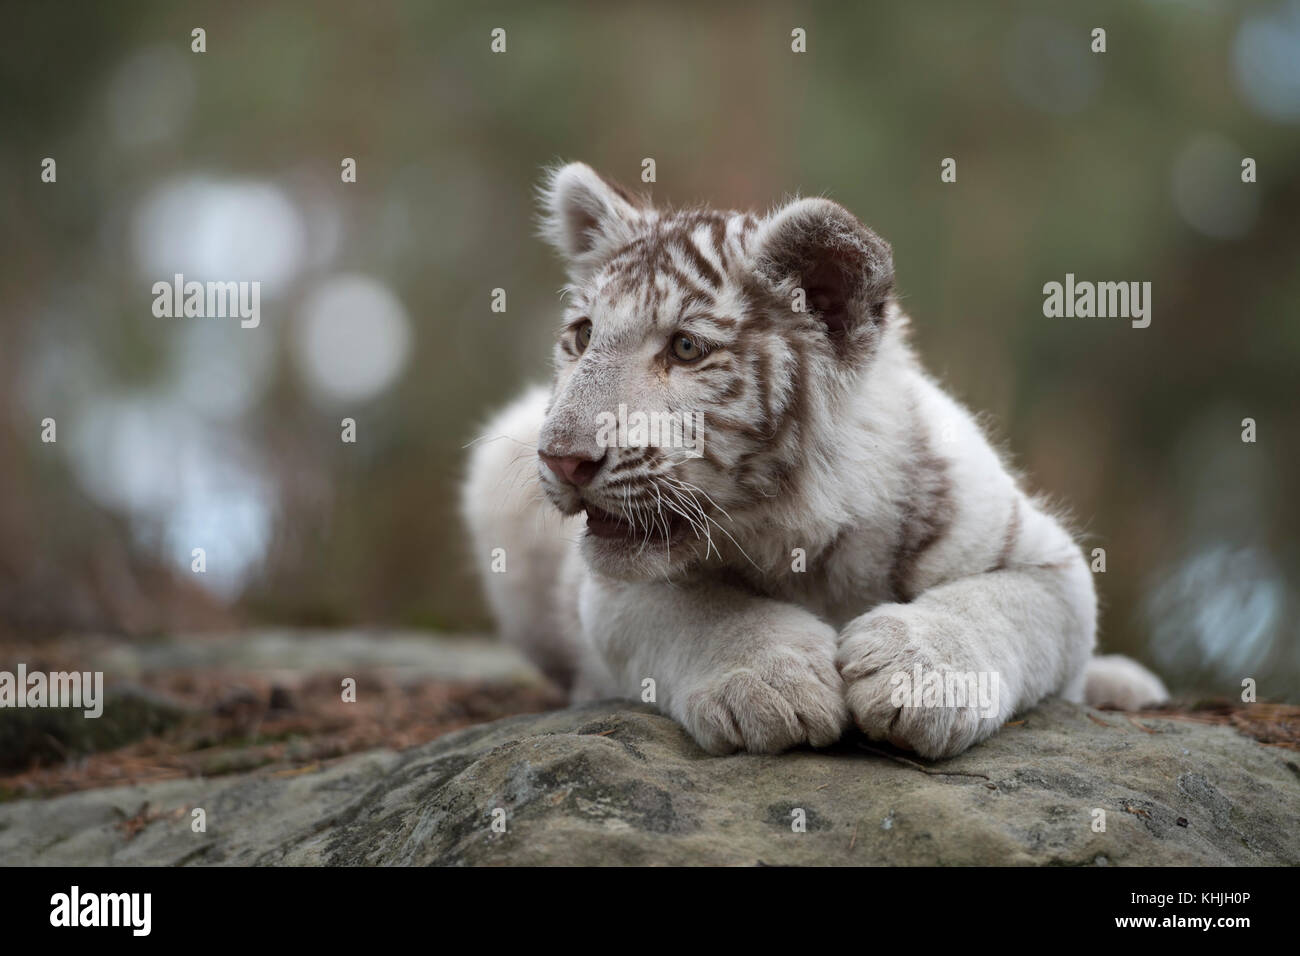 Royal Bengal Tiger ( Panthera tigris ), young cub, white leucistic morph, lying on rocks, resting, watching around, - Stock Image